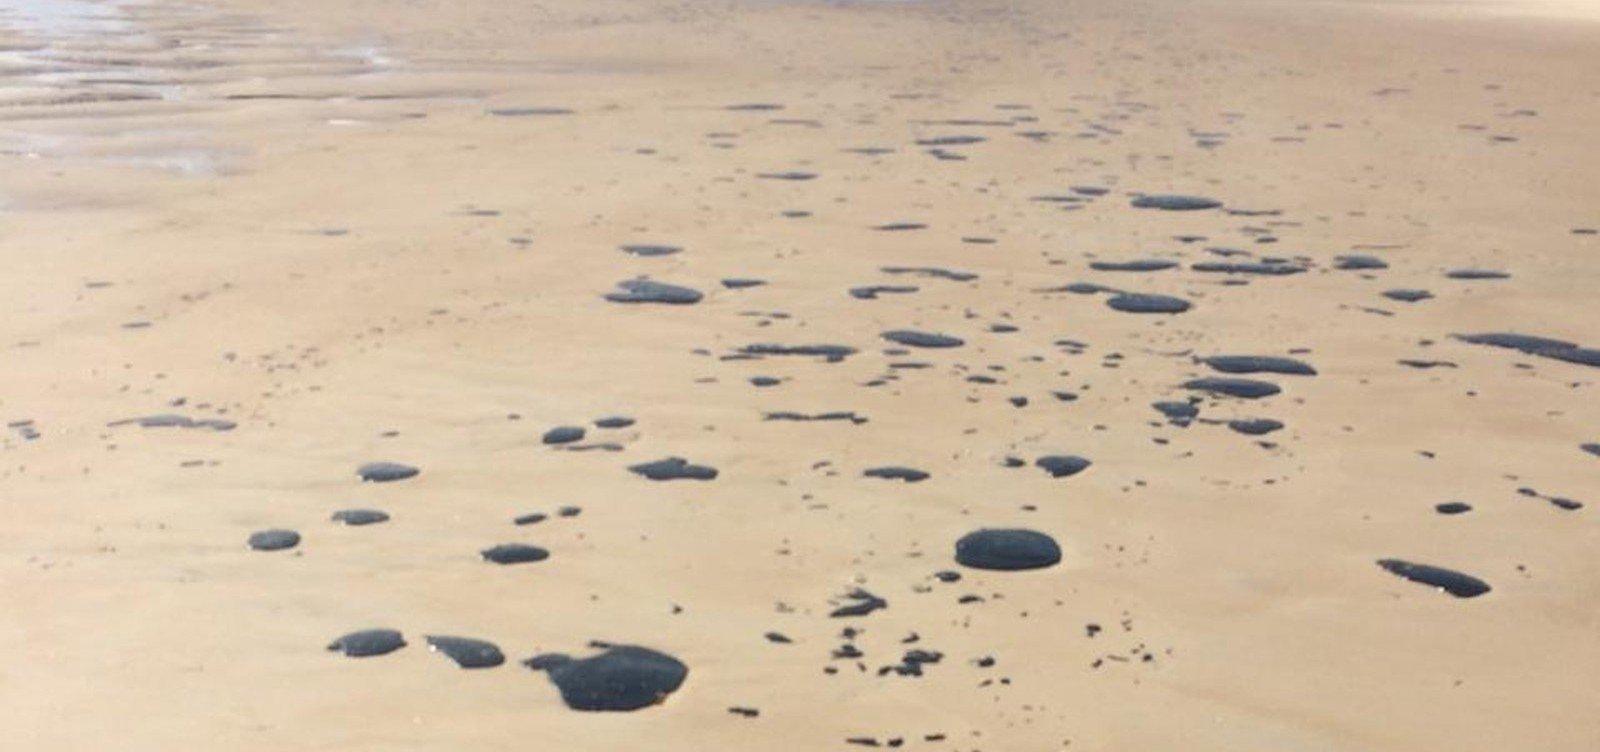 Manchas de óleo chegam à Praia do Norte, em Ilhéus